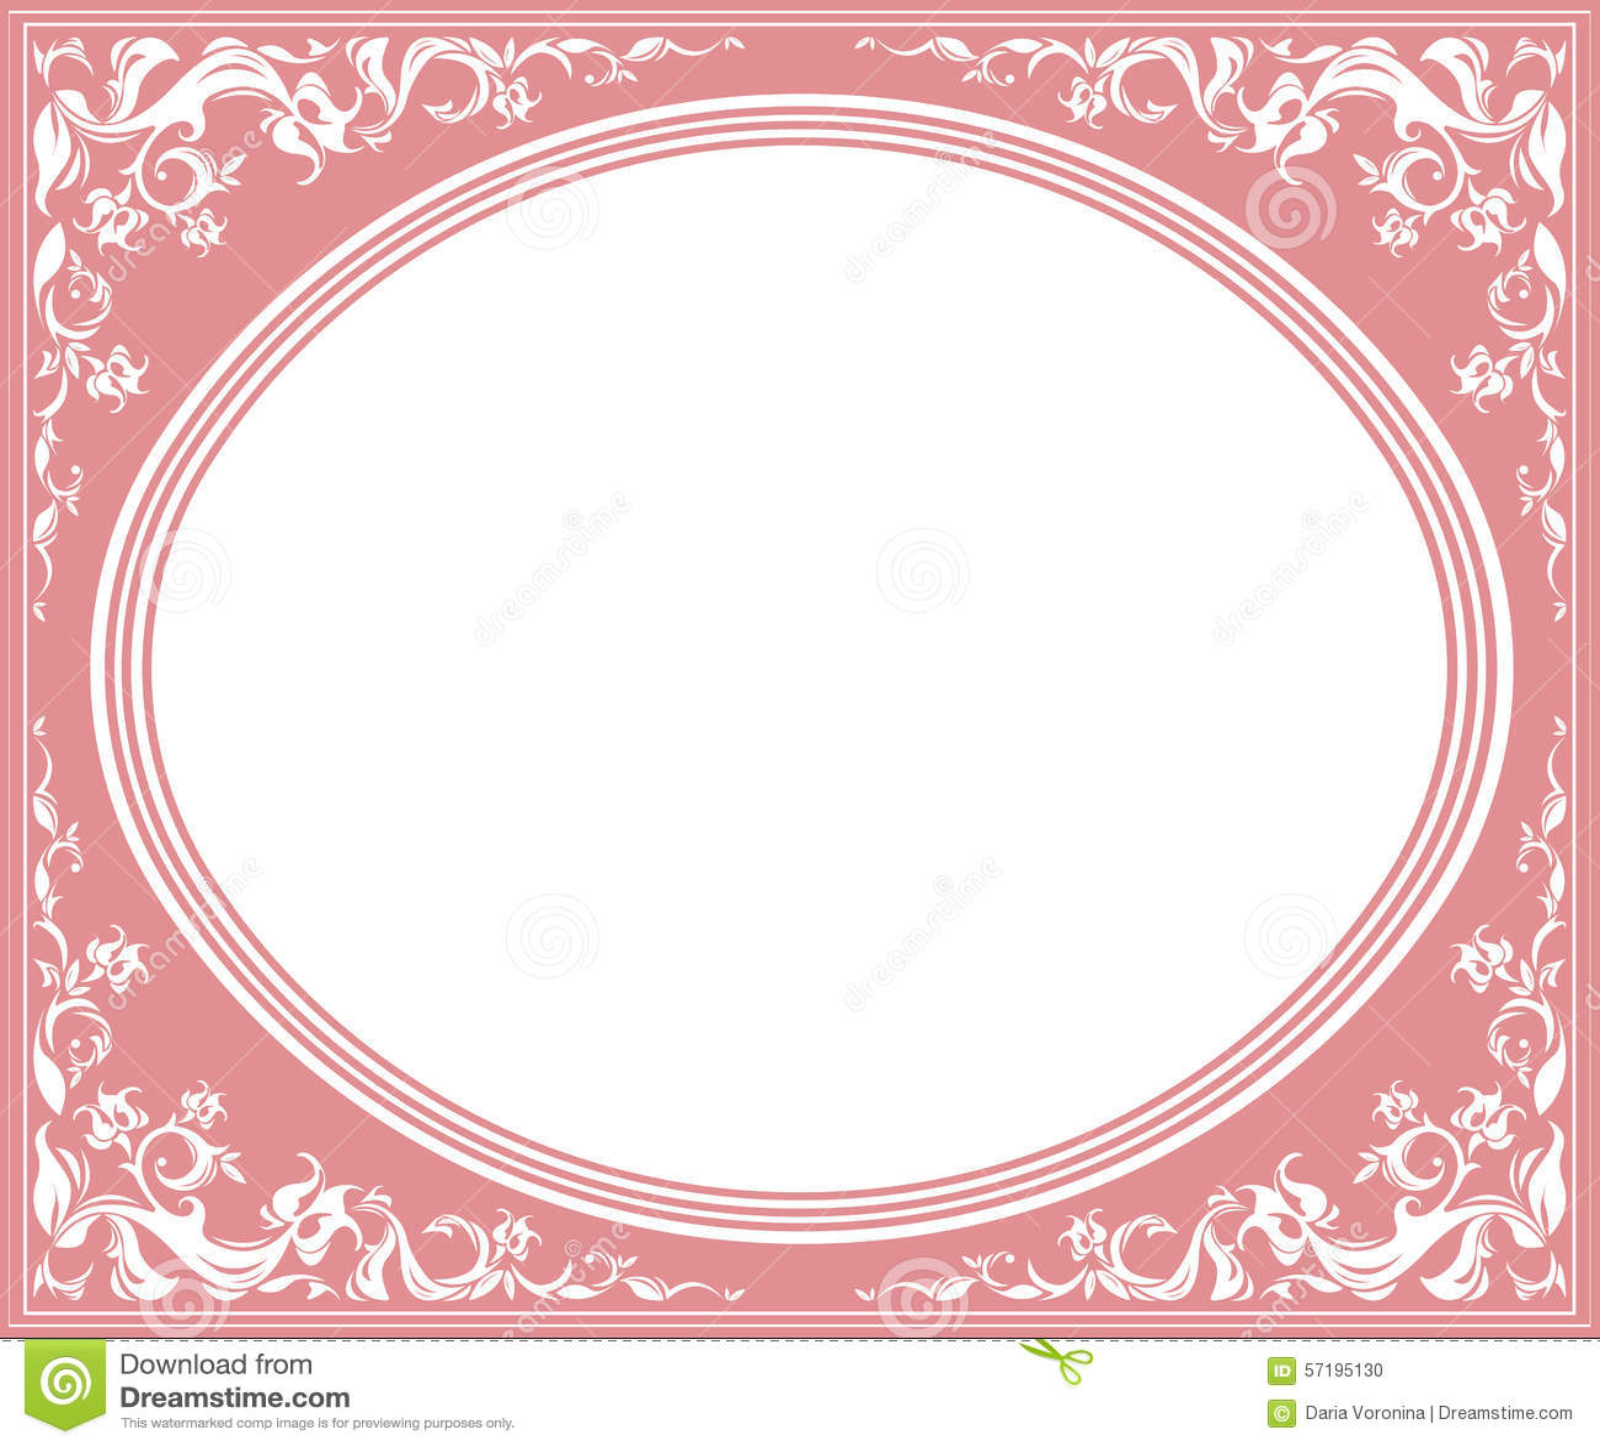 Vintage flower wallpaper designs vintage floral wallpaper - Oval Frame With Elegant Ornament Stock Vector Image